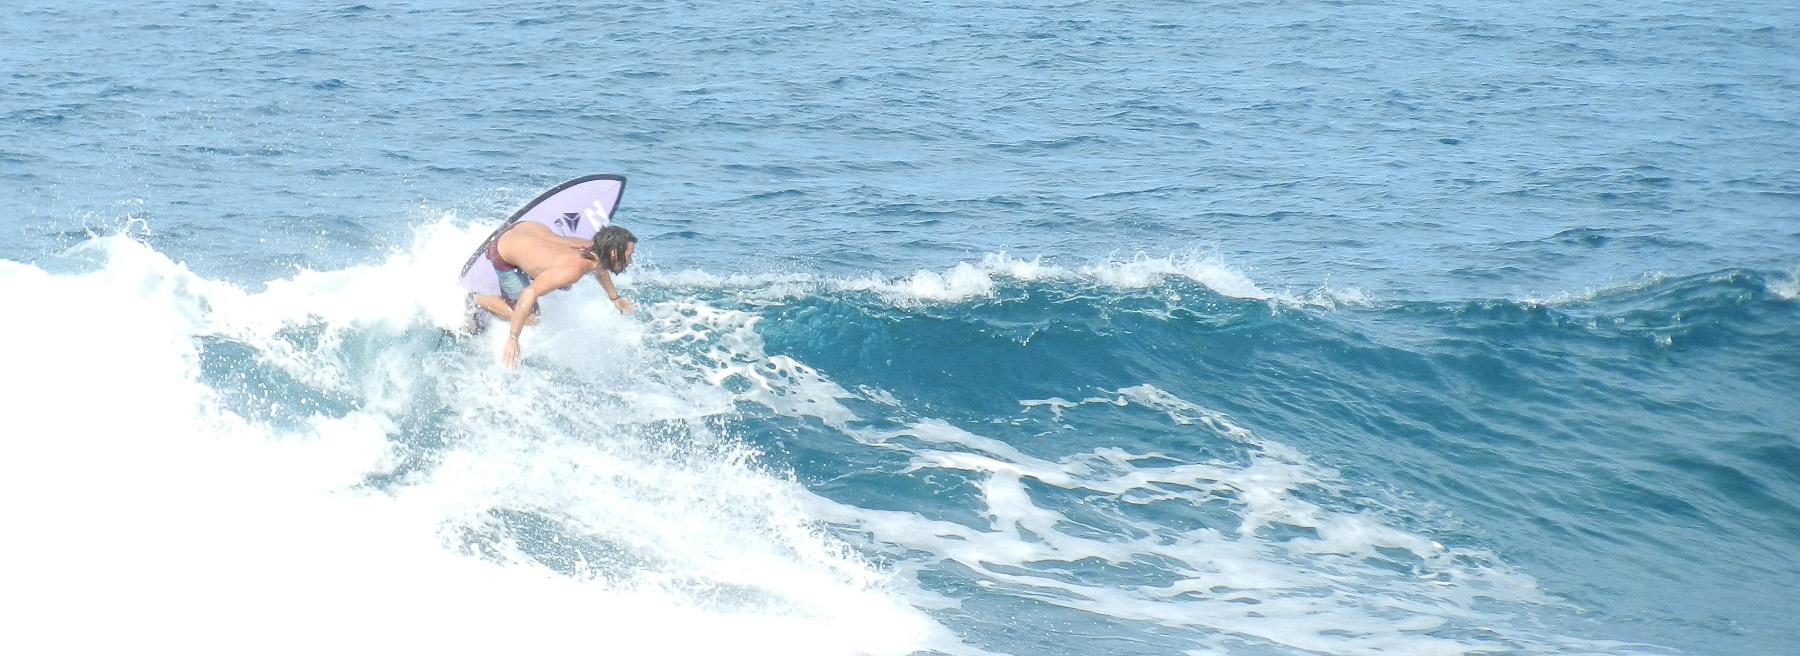 Delphina Riparte la stagione del surf nel Nord Sardegna  Sardegna